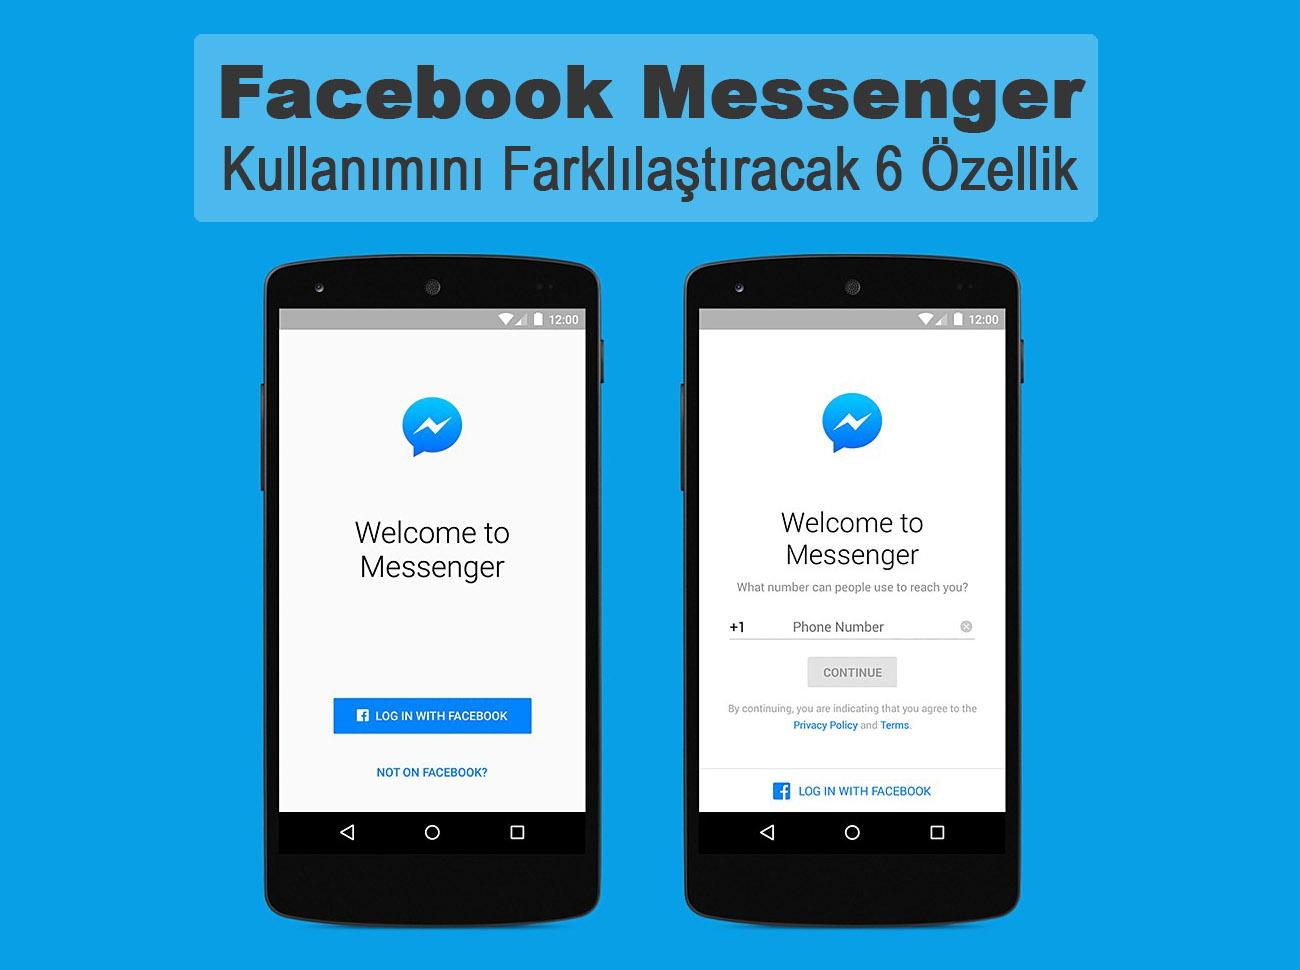 Facebook Messenger Kullanımını Farklılaştıracak 6 Özellik